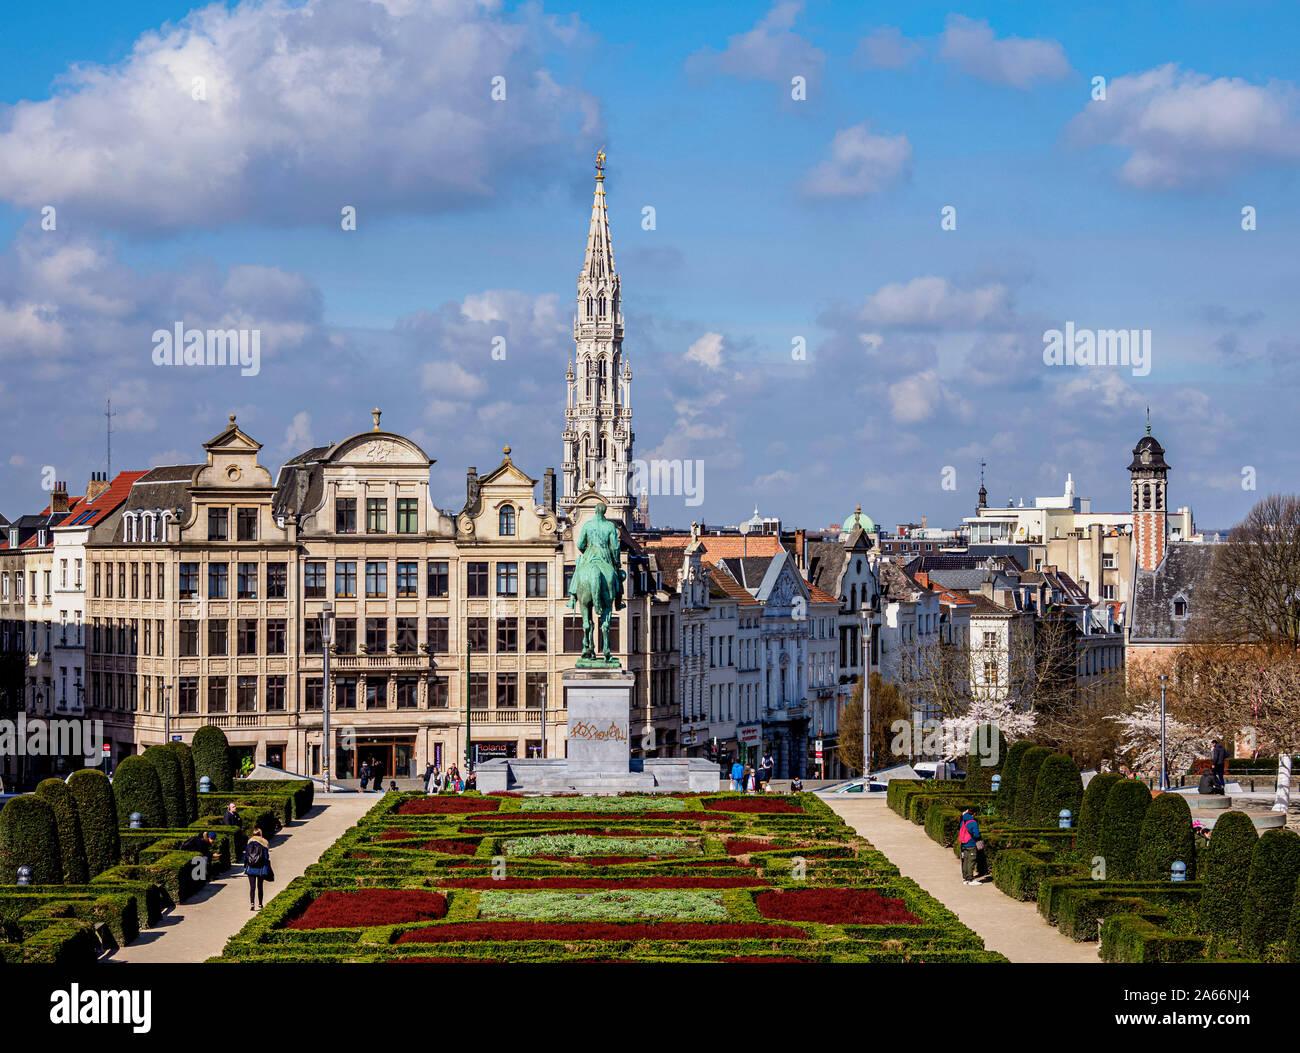 Vistas del Mont des Arts Jardín Público hacia el Ayuntamiento Spire, Bruselas, Bélgica Foto de stock